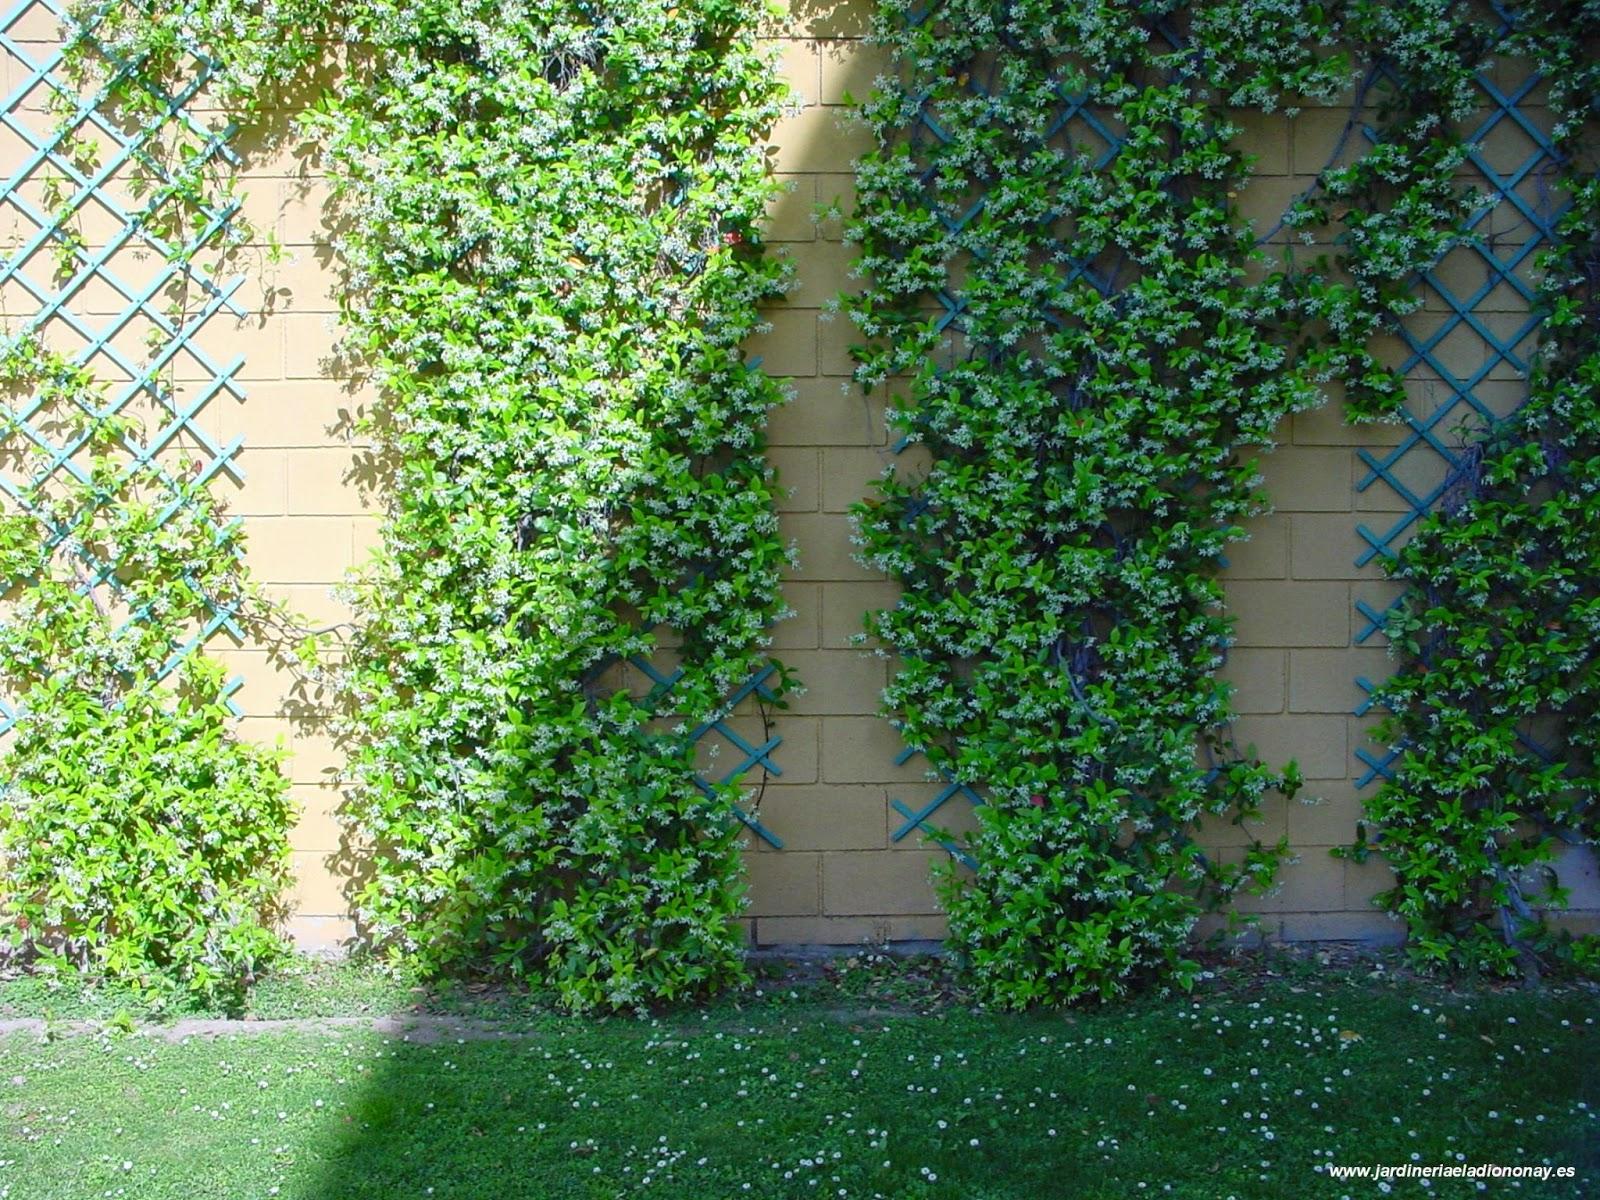 Jardineria eladio nonay junio 2013 for Plantas trepadoras para muros